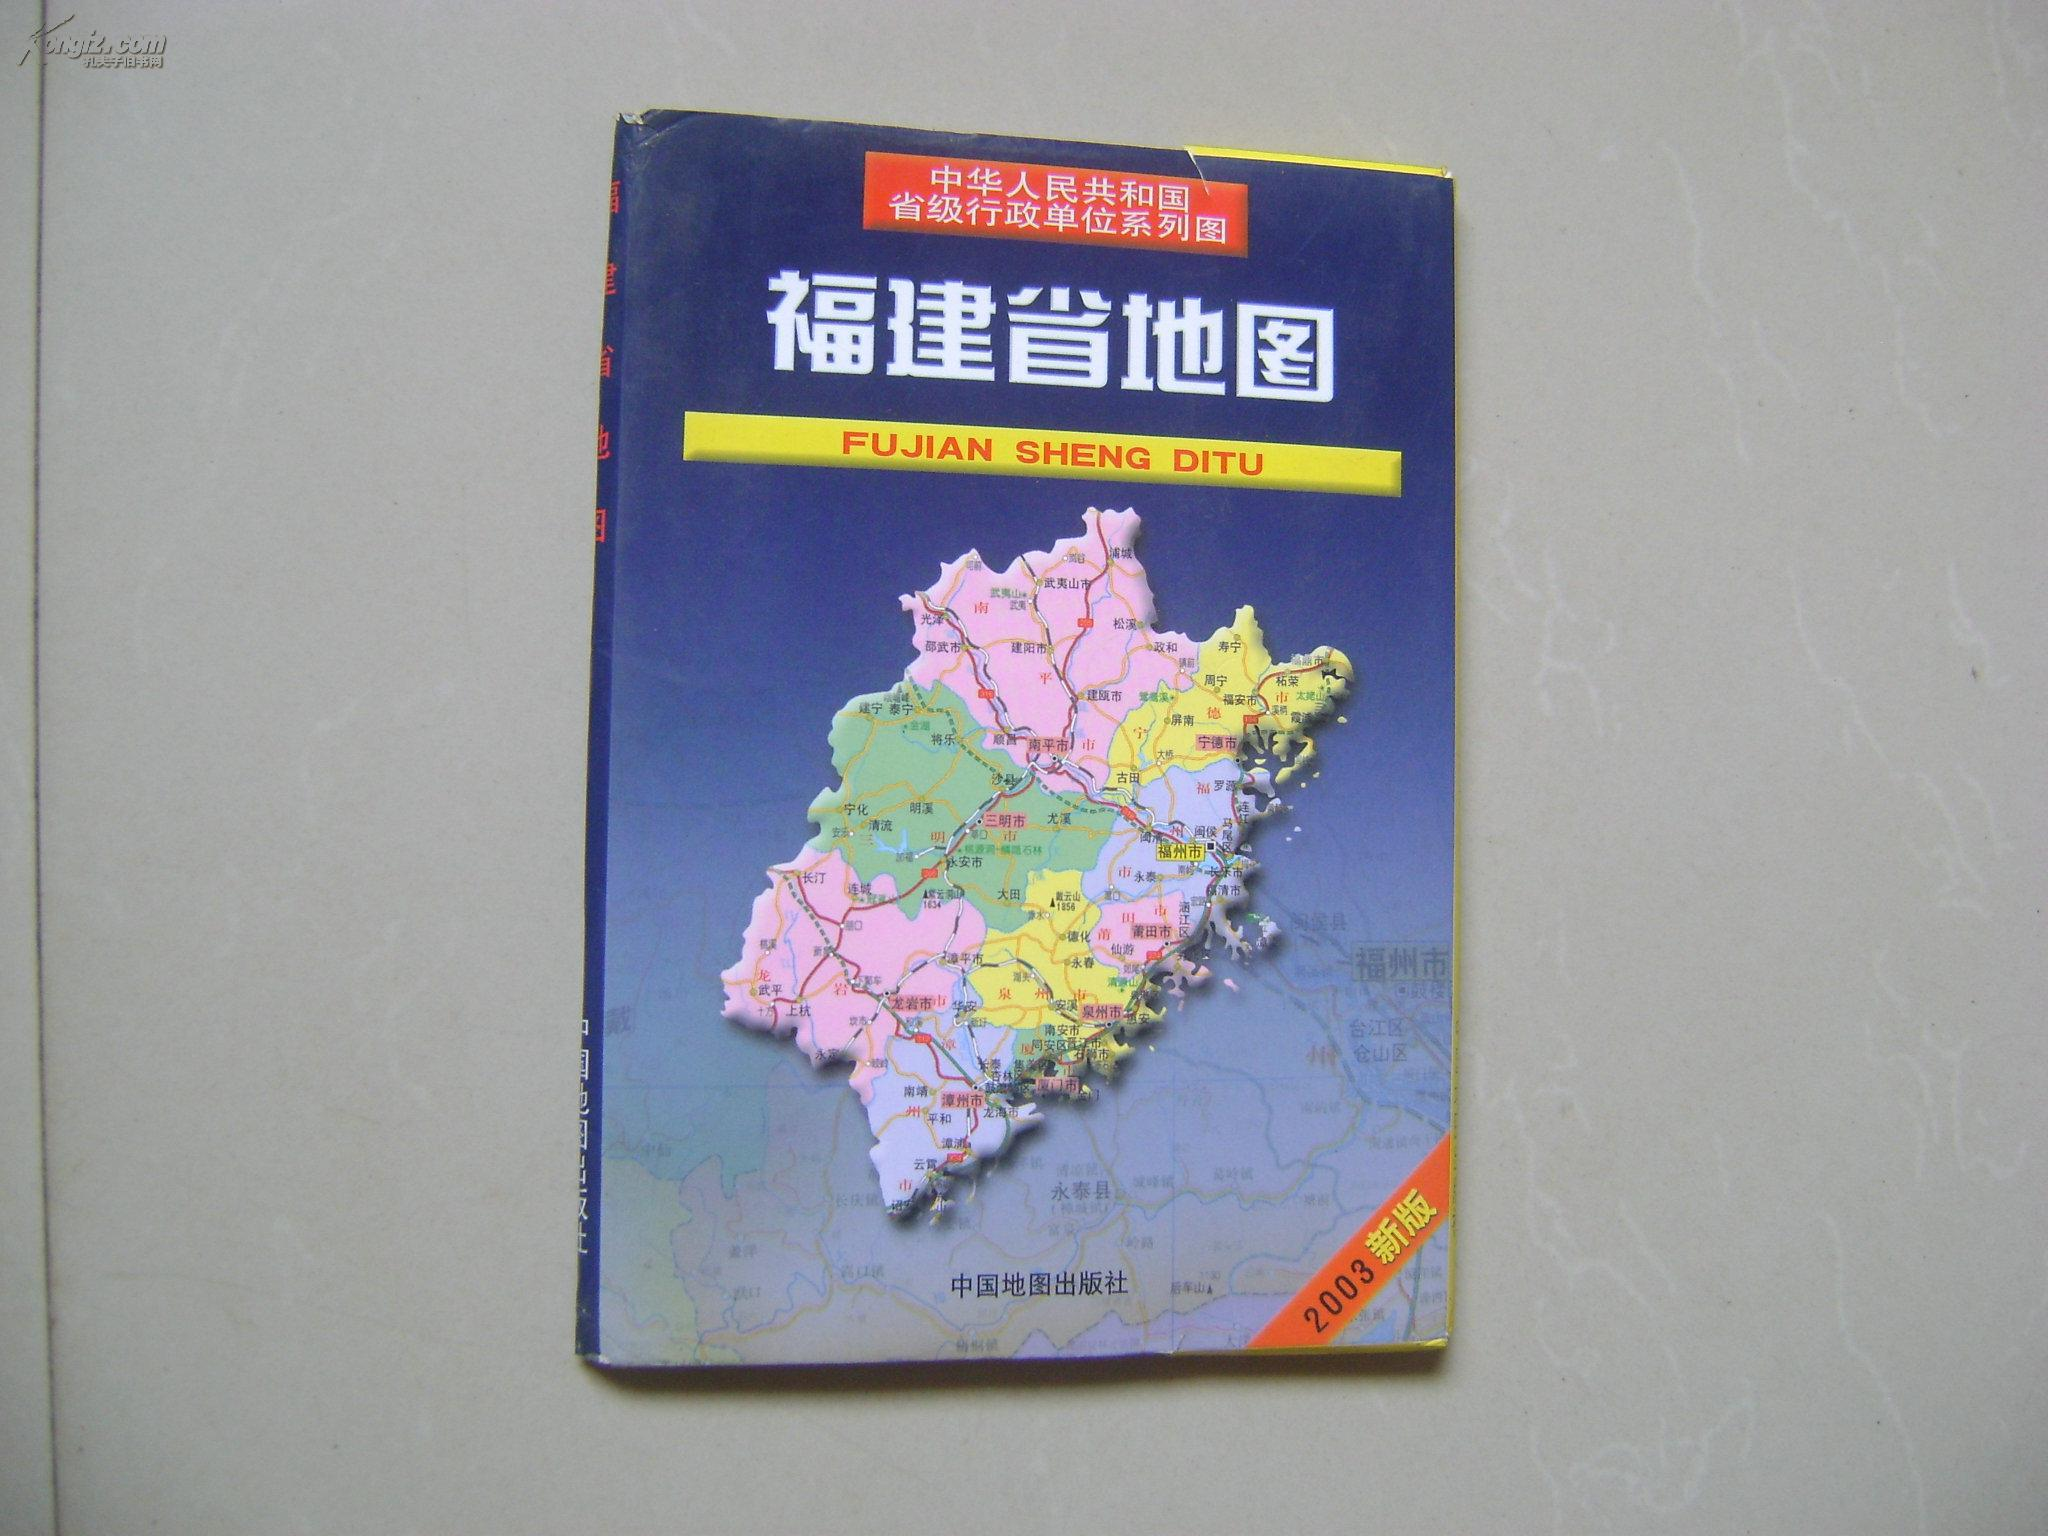 【图】福建省地图(全开)